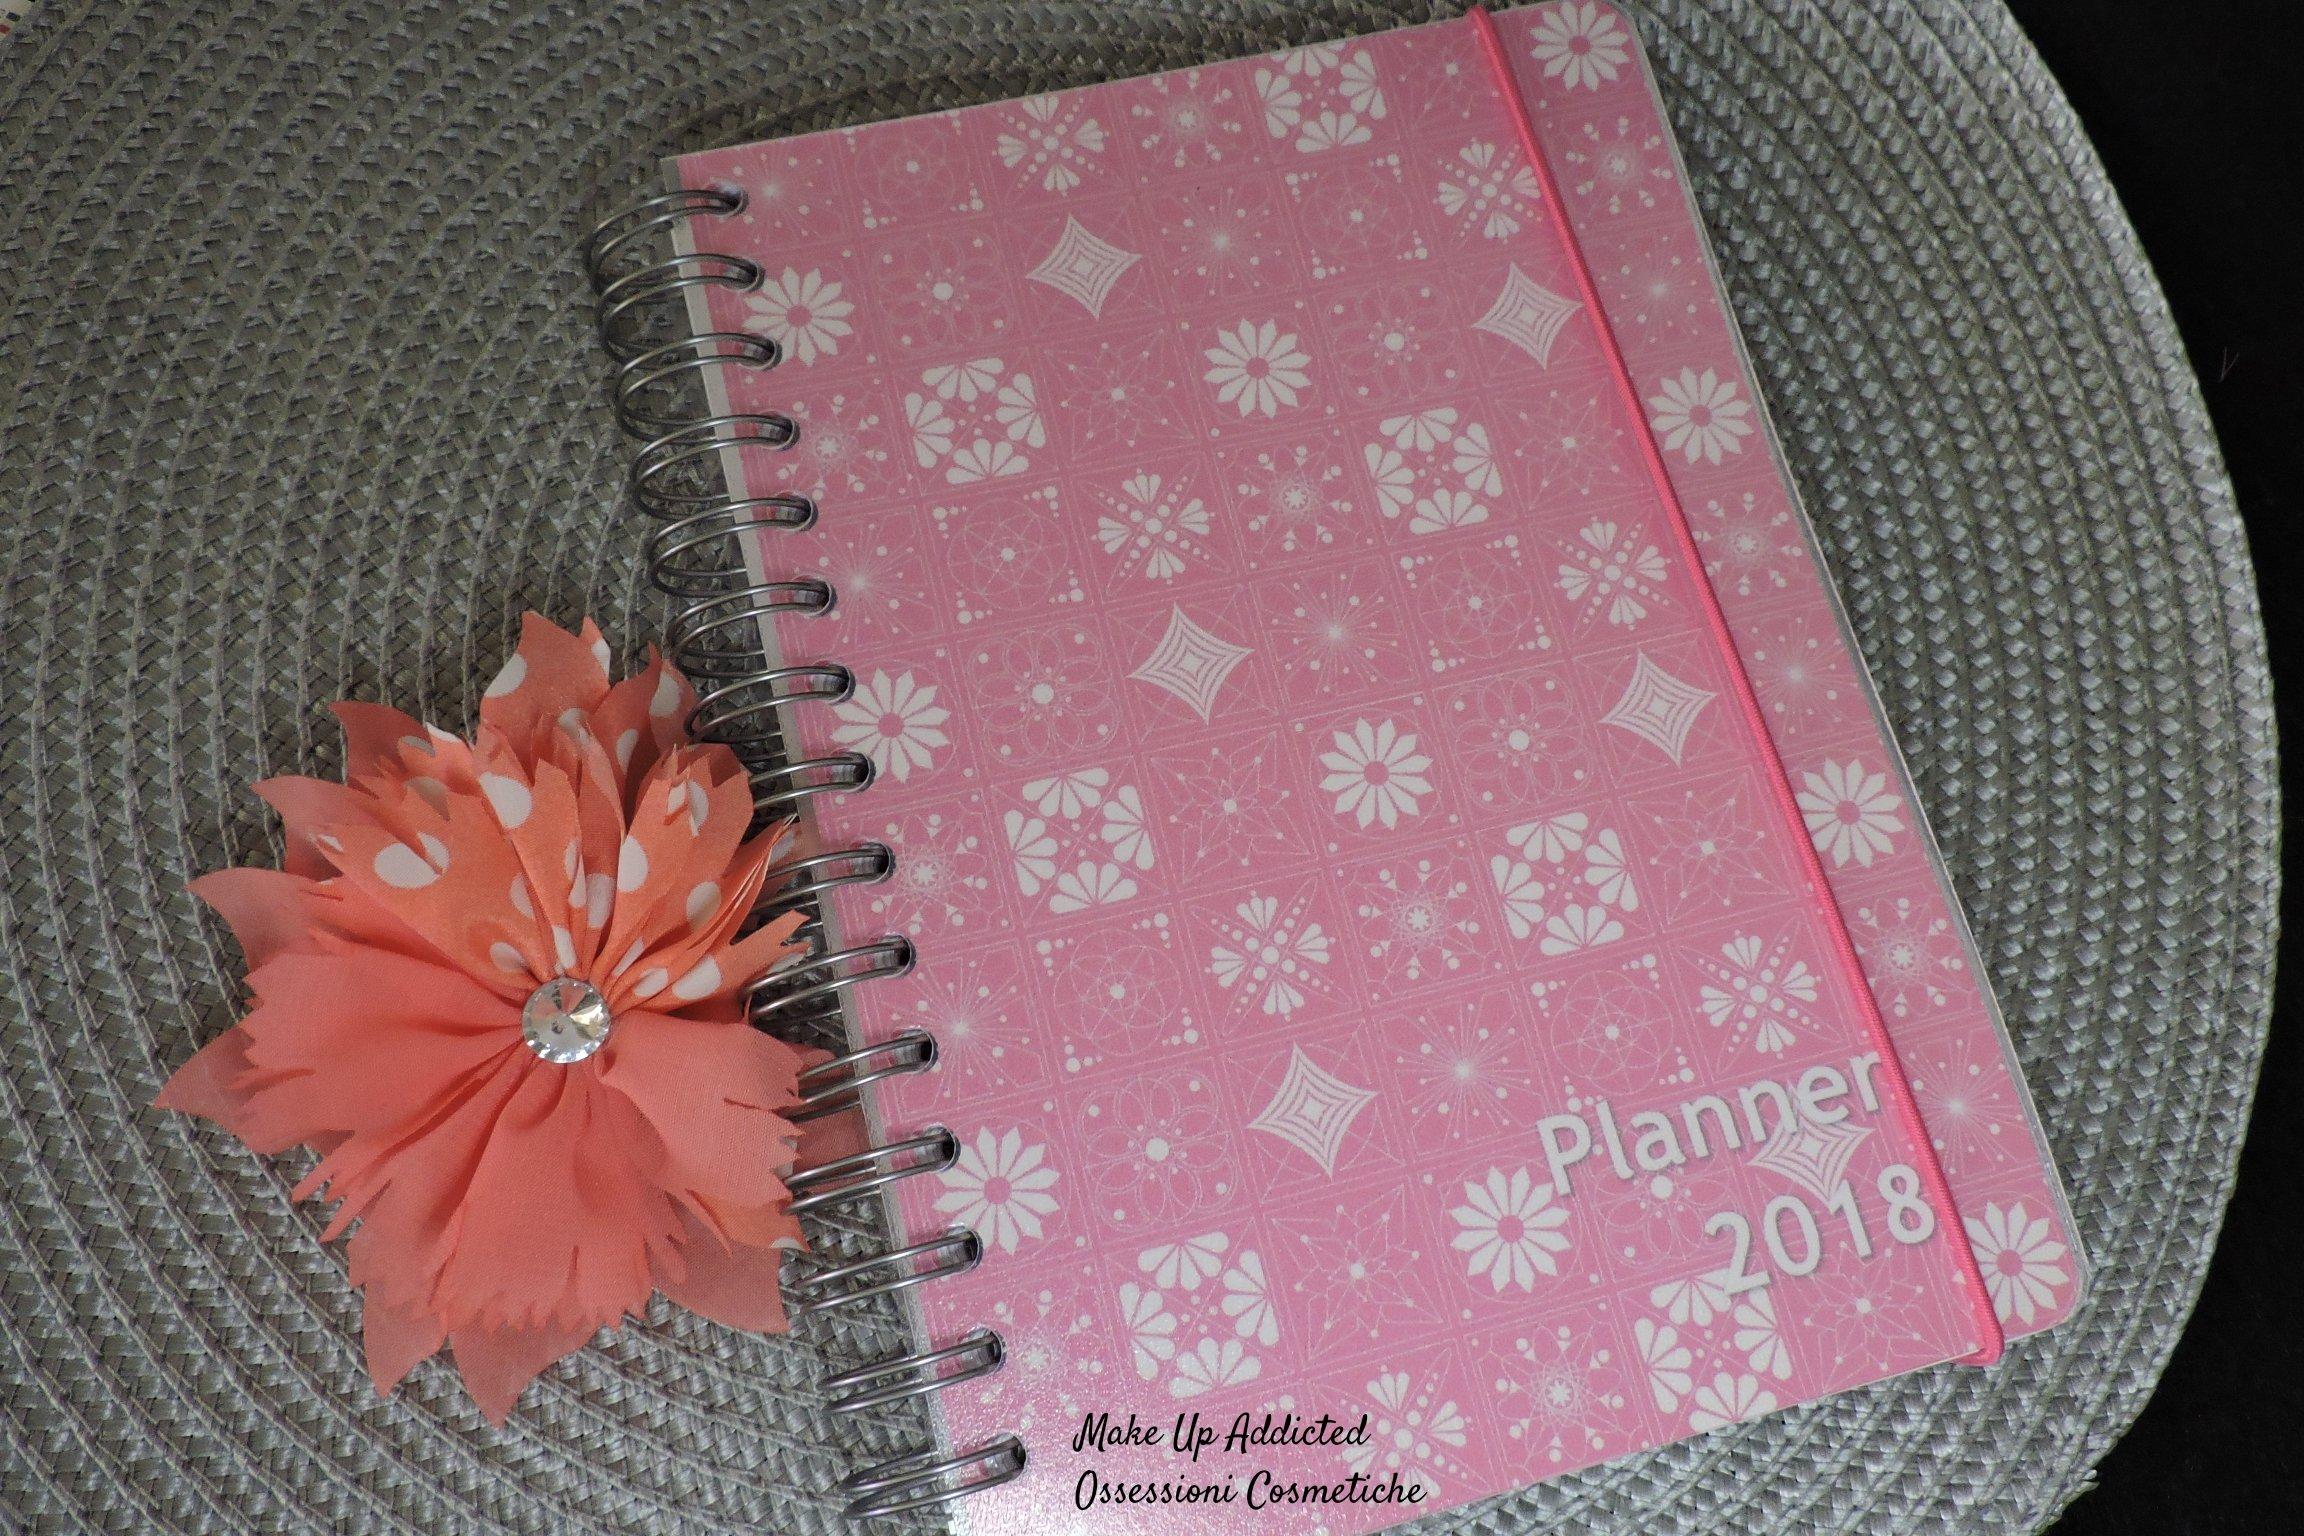 agenda personalizzata my personal planner